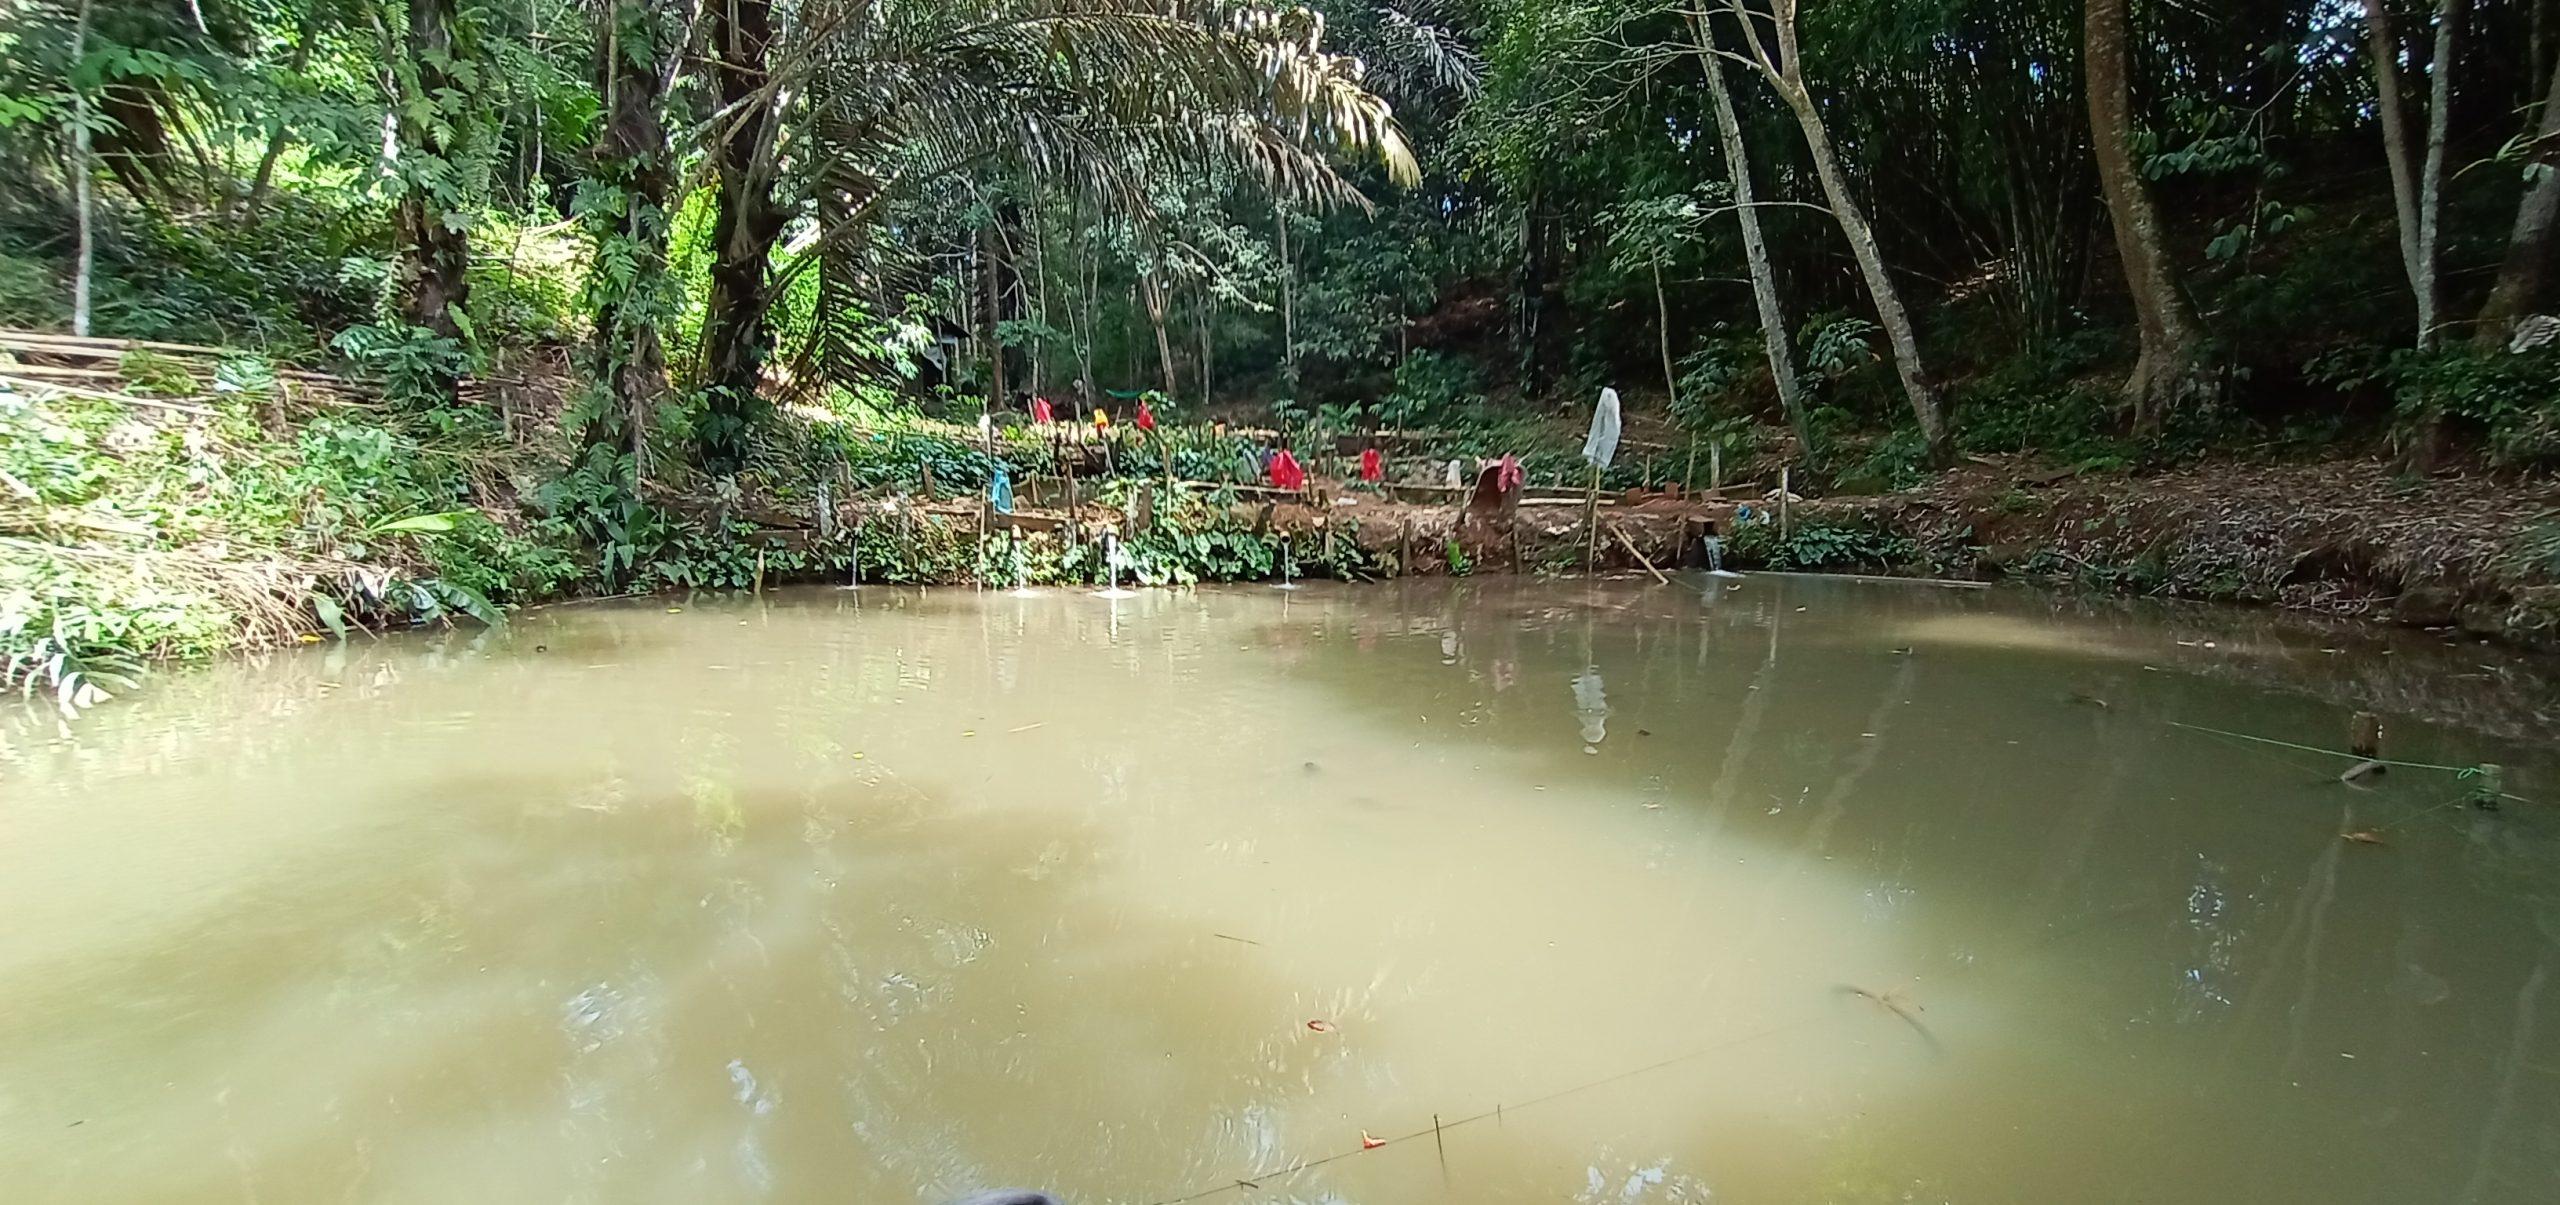 Geliat Usaha Ikan Lele Patin Dan Nila Dalam Kolam Tanah Di Kampung Gemuhan Asa Dinas Perikanan Kabupaten Kutai Barat